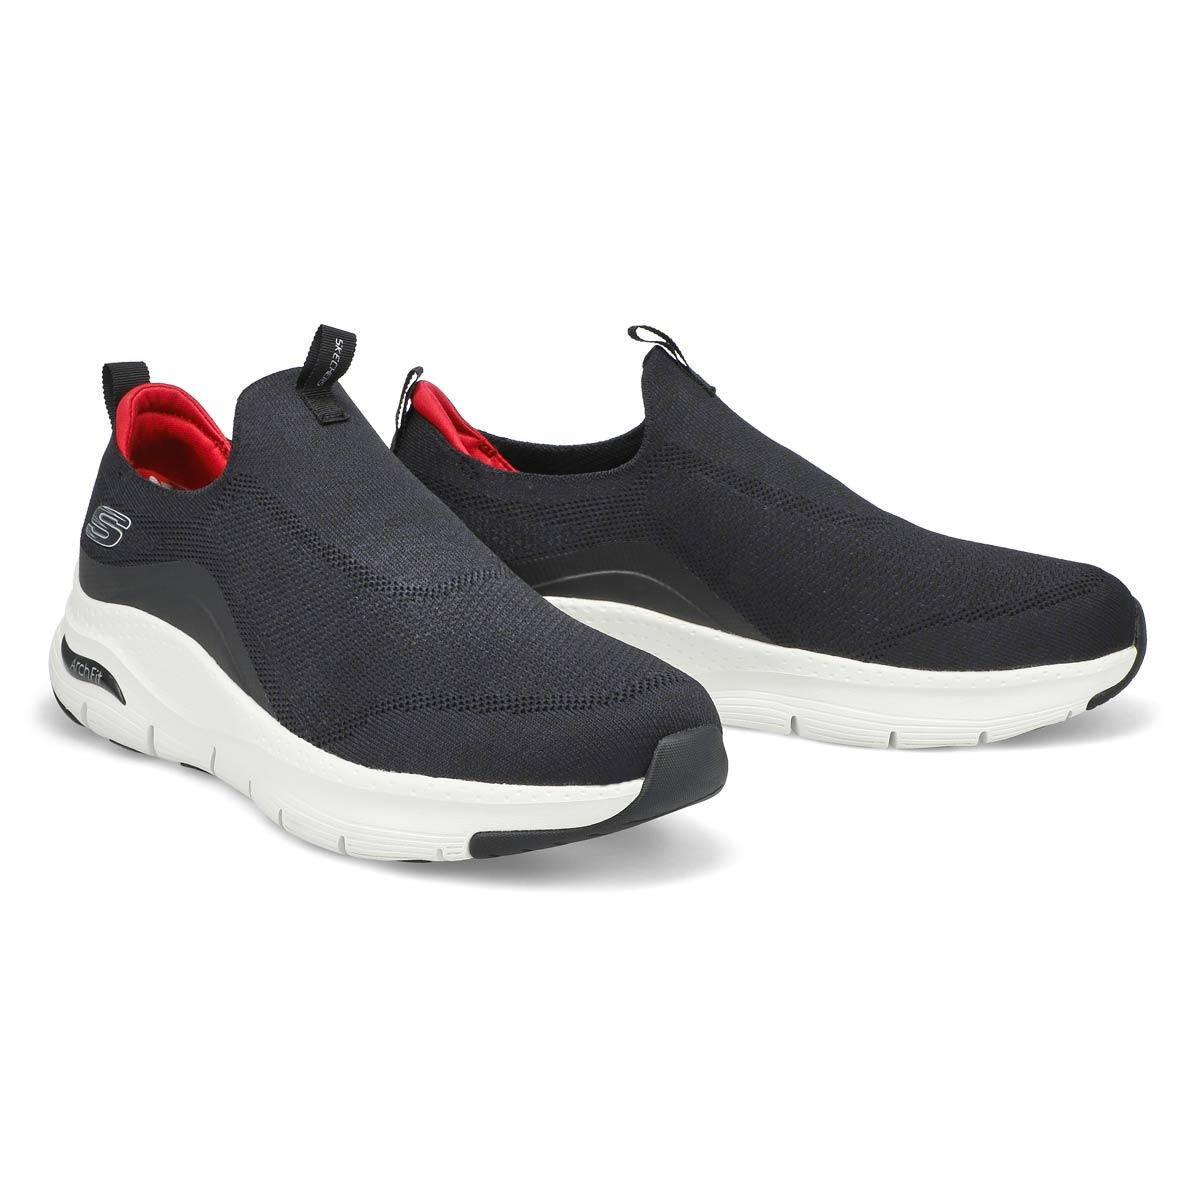 Men's Arch Fit Slip On Sneaker - Black/White